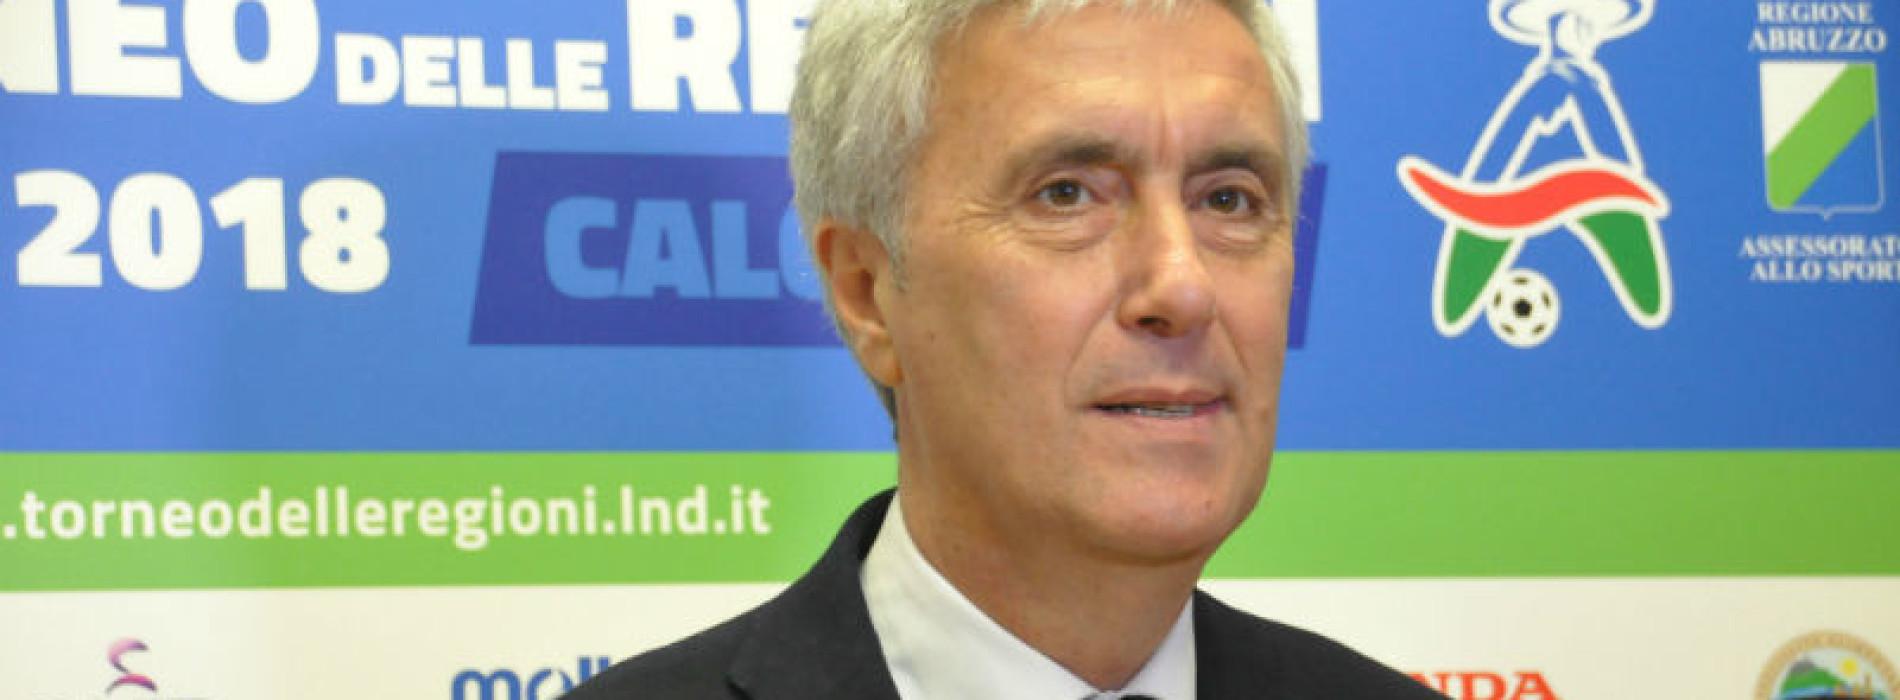 Il messaggio augurale di Pasqua del Presidente della LND Cosimo Sibilia